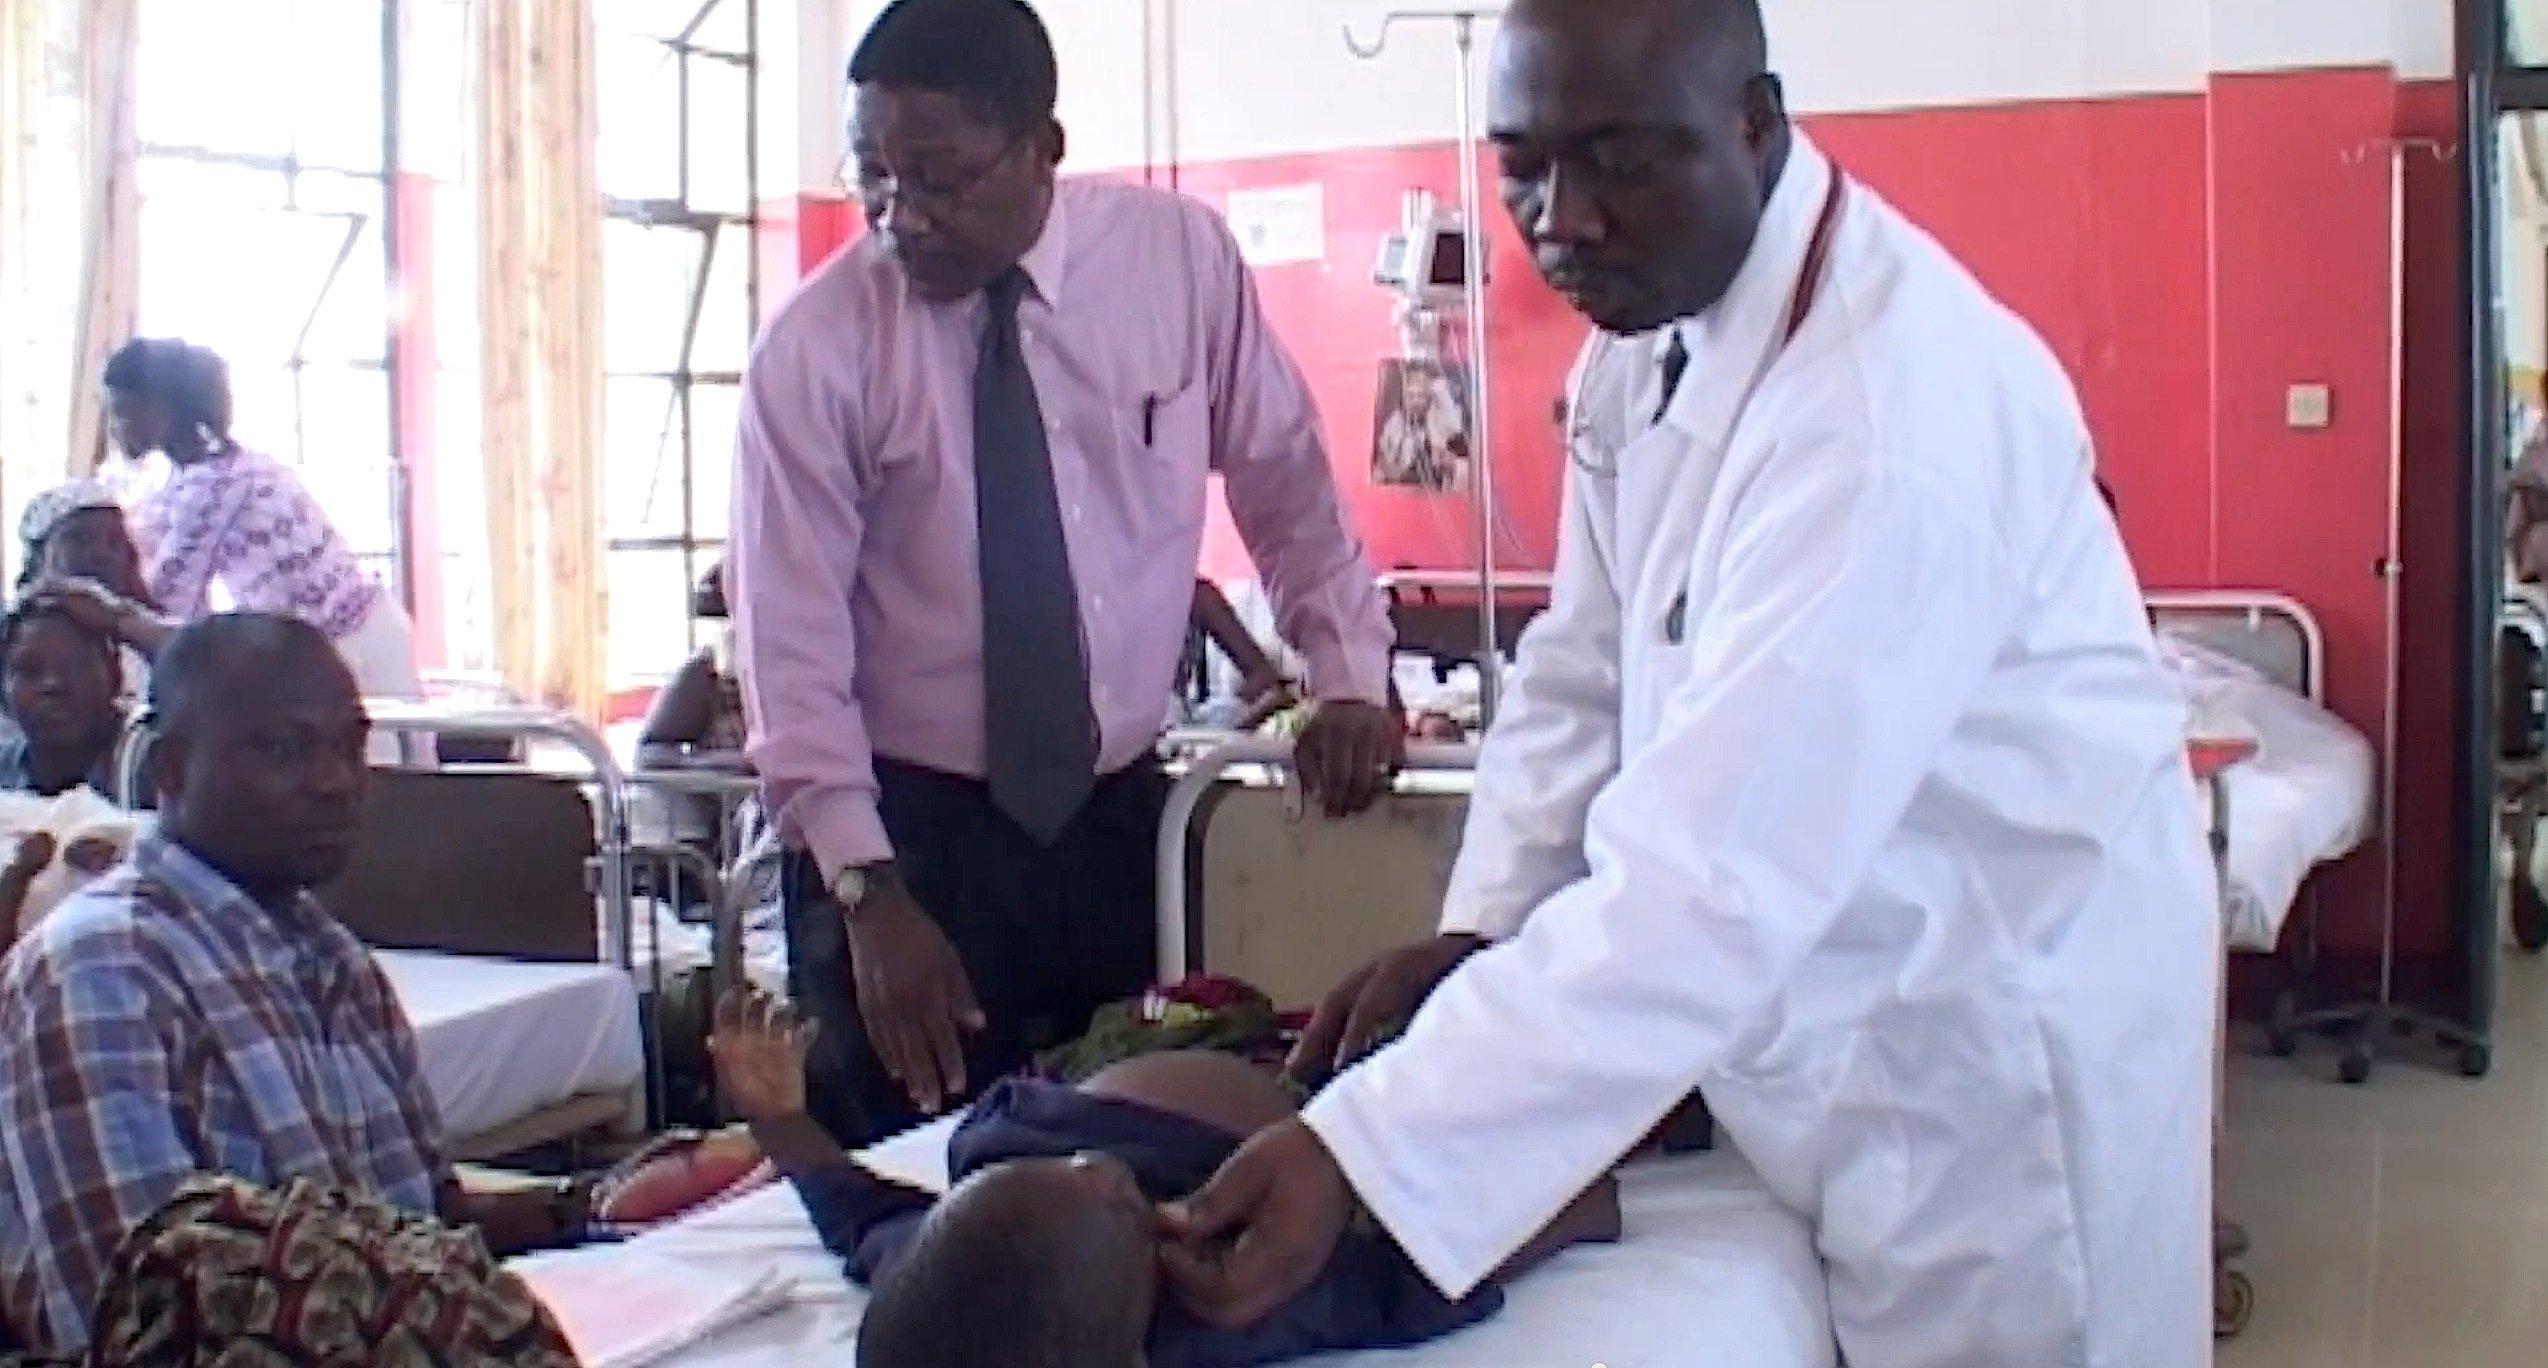 Kinder in einer Klinik in Afrika: GlaxoSmith Kline will den neuen Impfstoff gegen Malaria noch in diesem Jahr auf den Markt bringen.